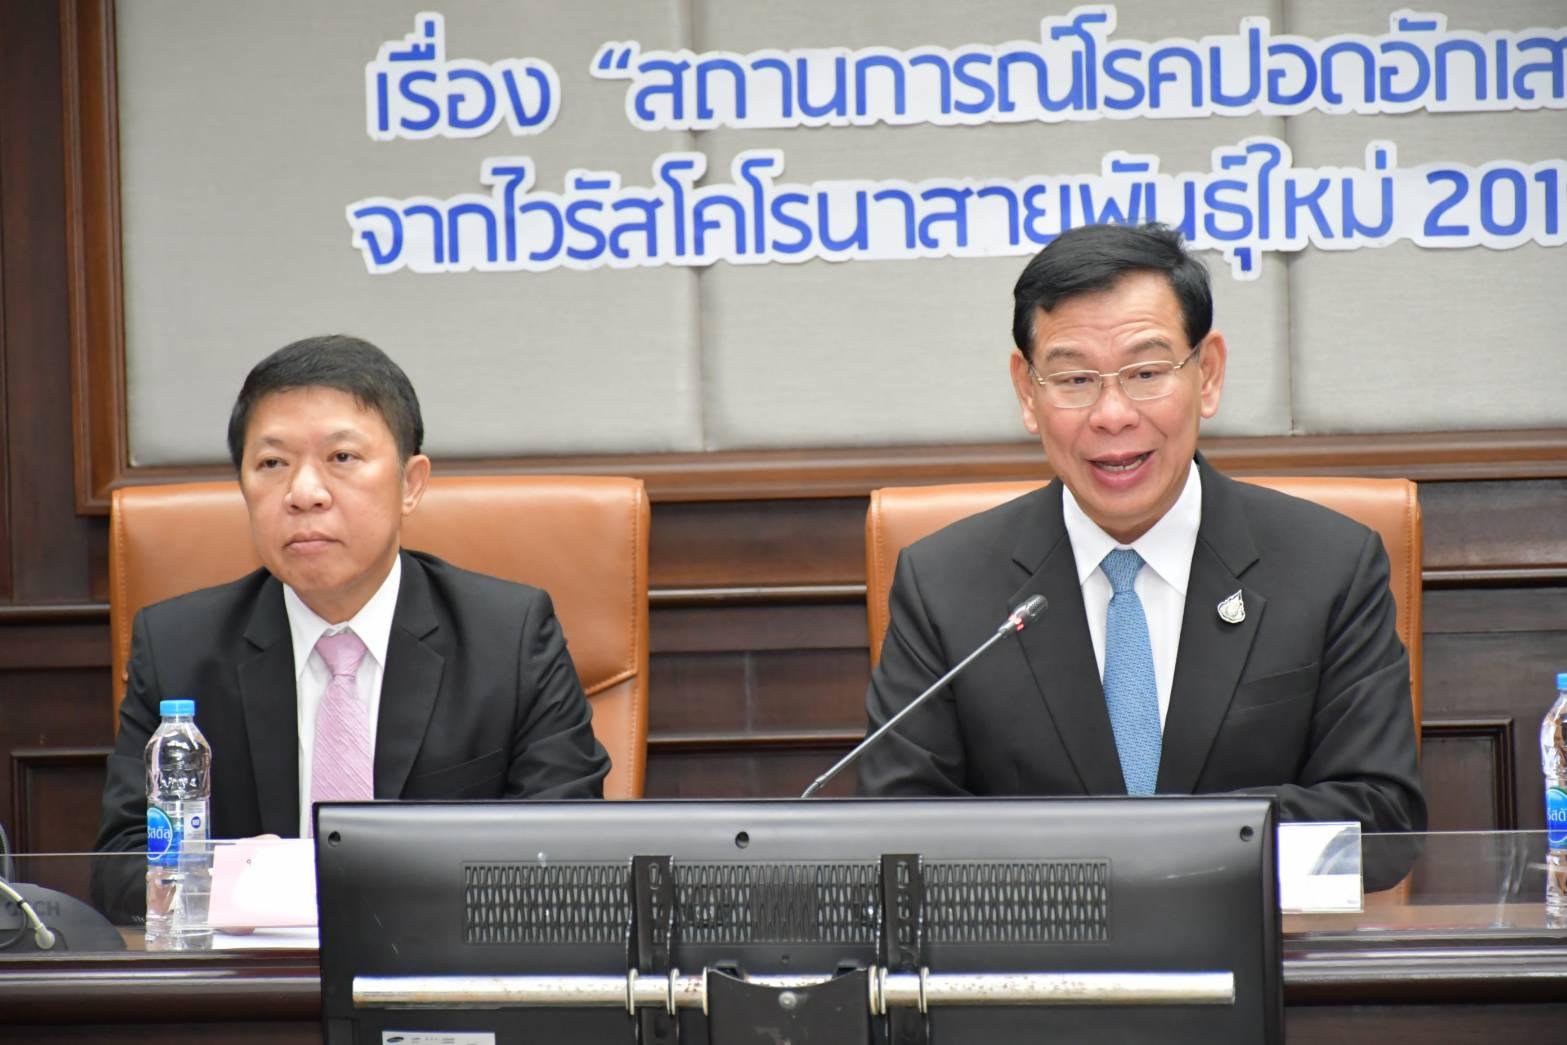 ชัดแล้ว!! ผู้ป่วยปอดอักเสบจากเชื้อไวรัสอู่ฮั่นรายที่ 2 ในไทย คาดตรุษจีนบินตรงเพิ่ม 50% เฝ้าระวังเข้ม